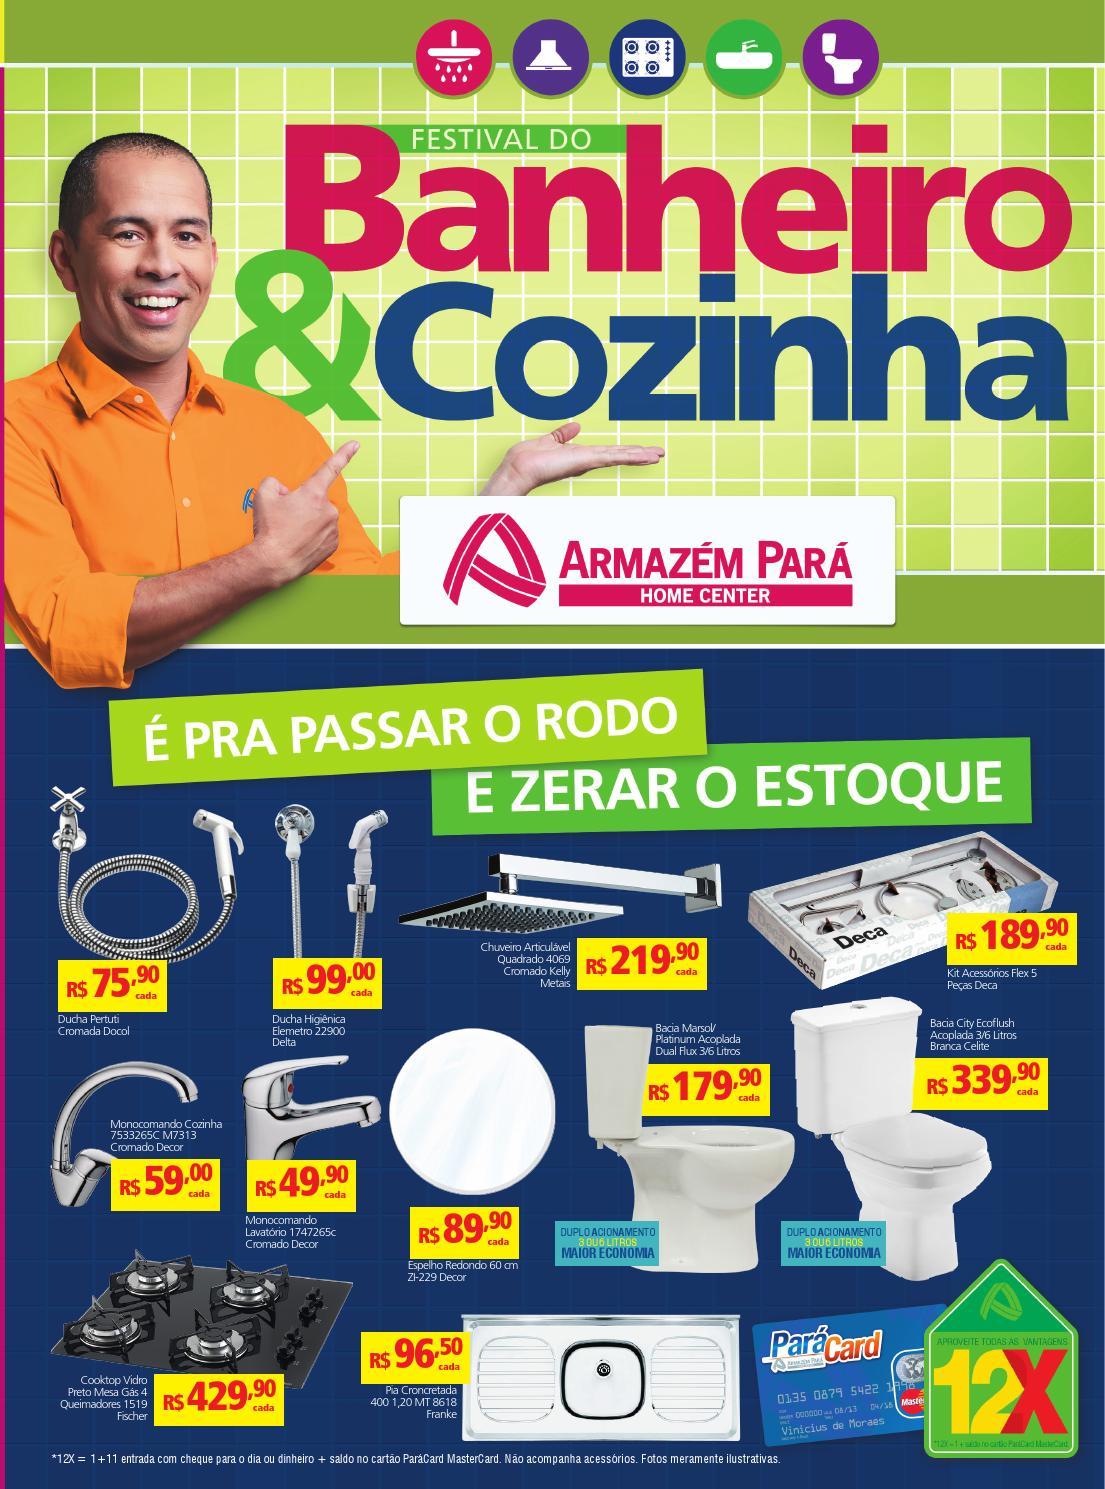 festival do banheiro amp cozinha armaz233m par225 by ratts ratis